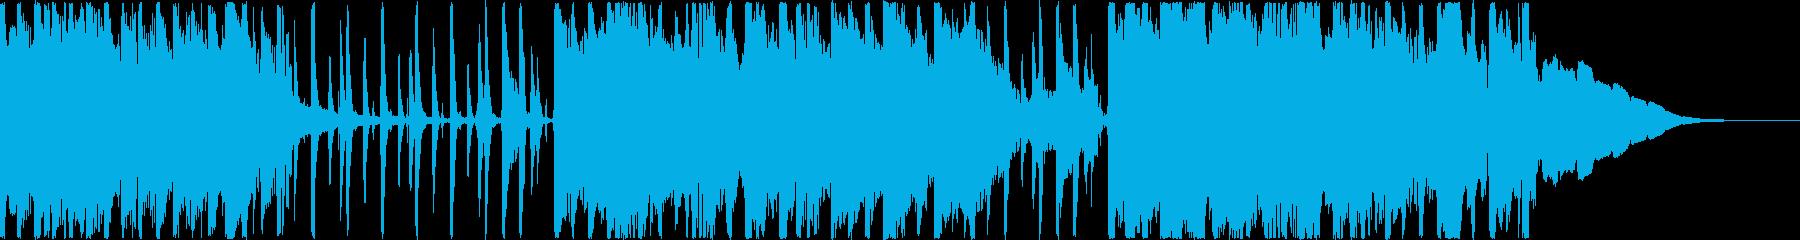 落ち着いたスローテンポのポップの再生済みの波形